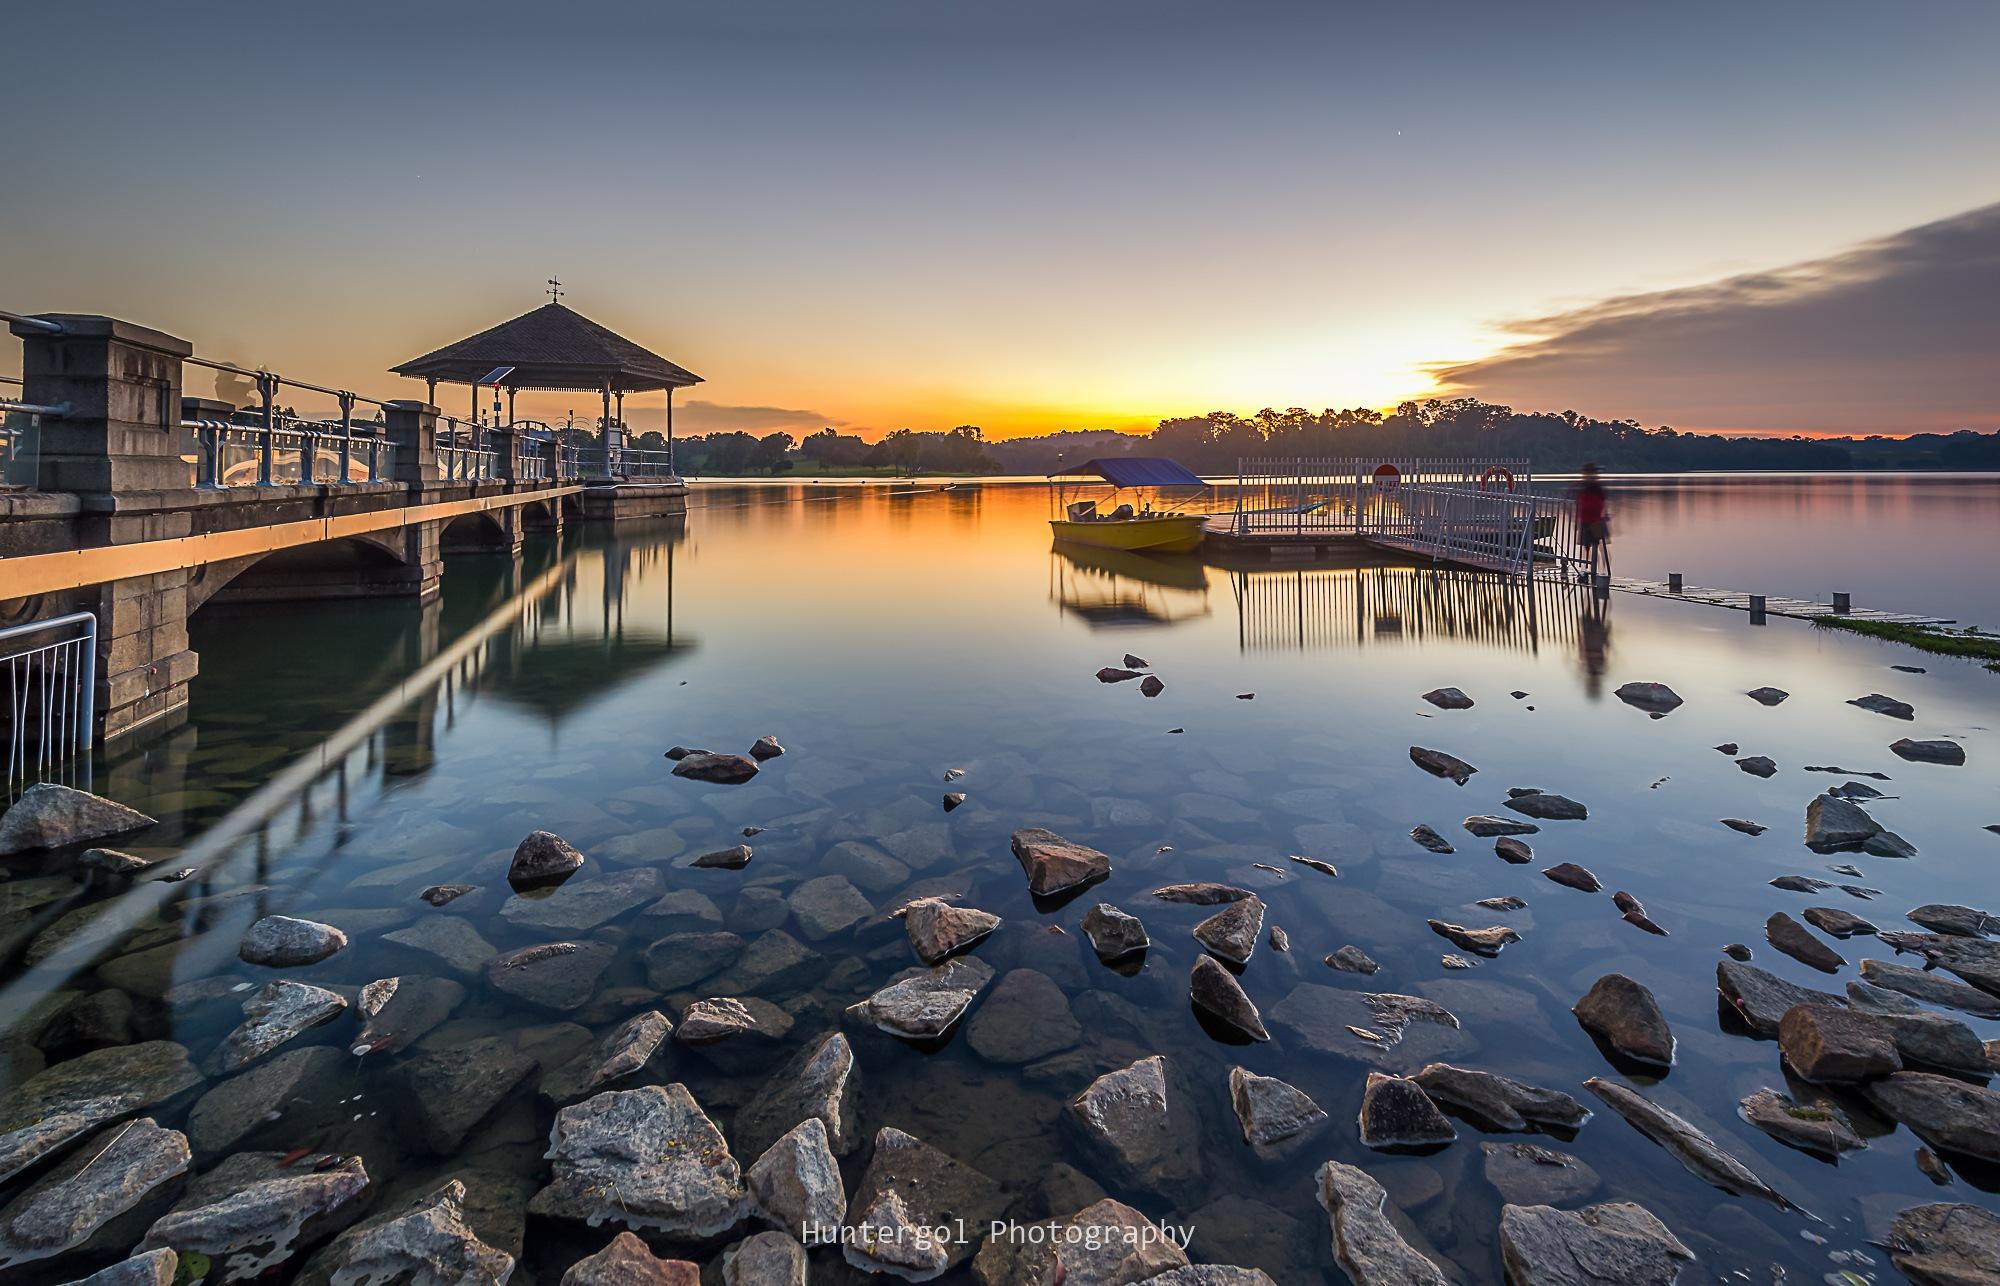 Peaceful sunset by huntergol